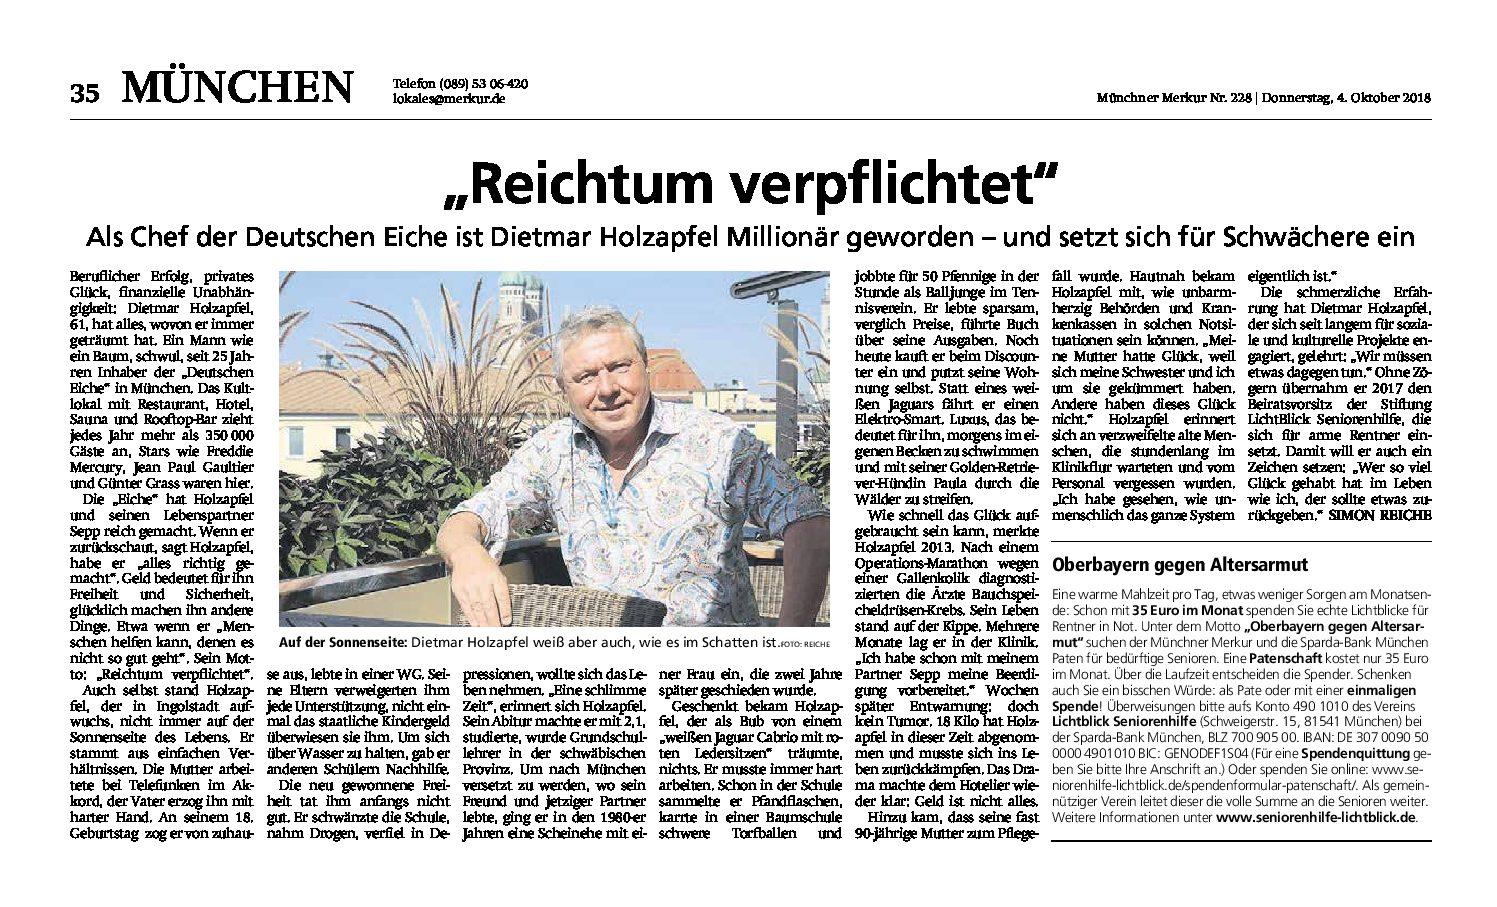 04.10.2018 | MM | Reichtum verpflichtet